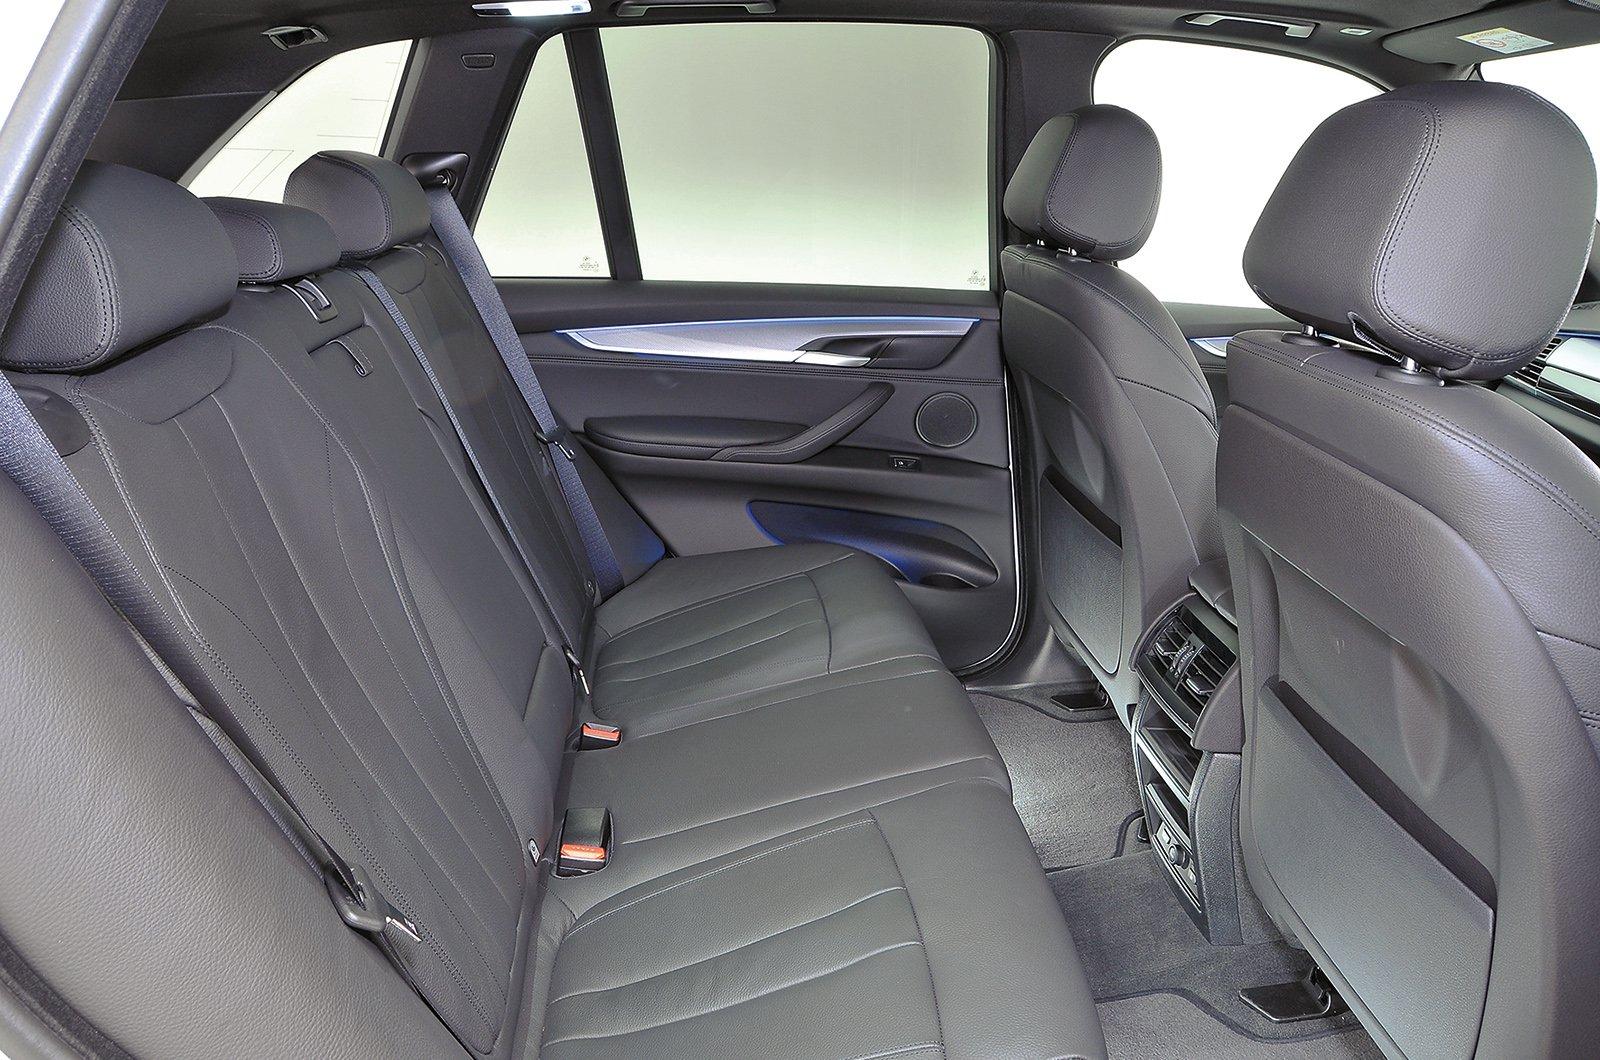 Used BMW X5 rear leg room